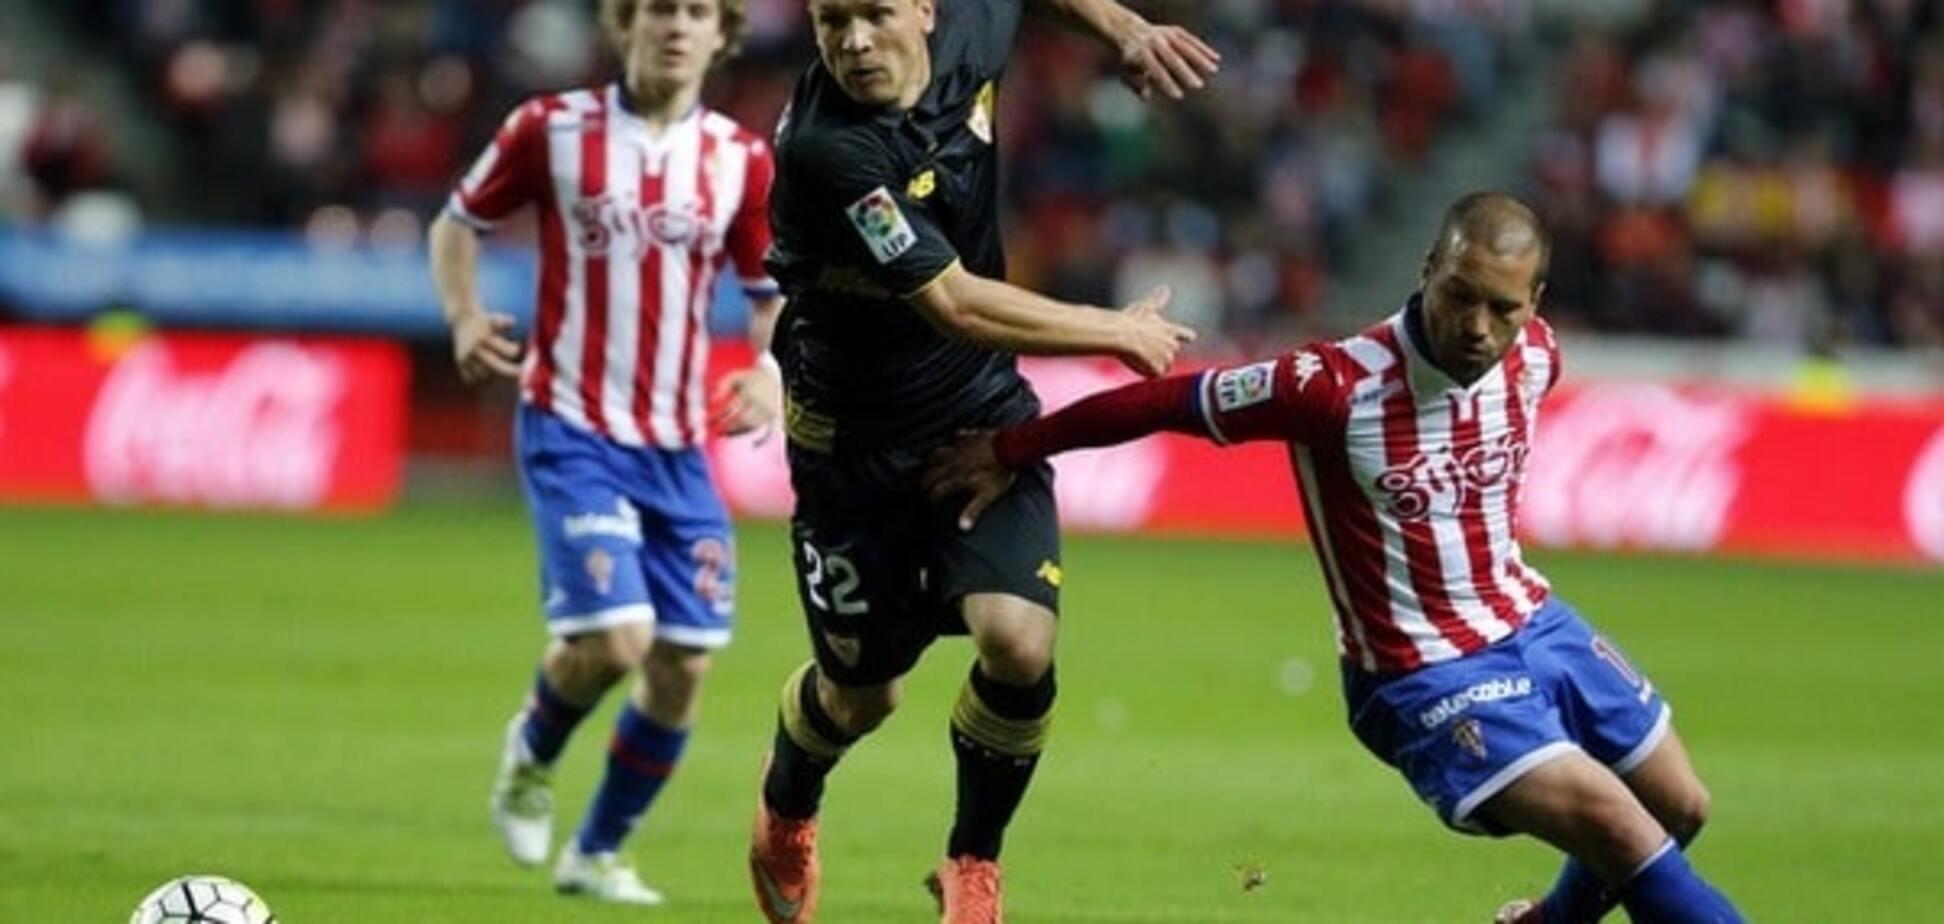 Коноплянка визнаний найкращим гравцем 'Севільї' в матчі чемпіонату Іспанії